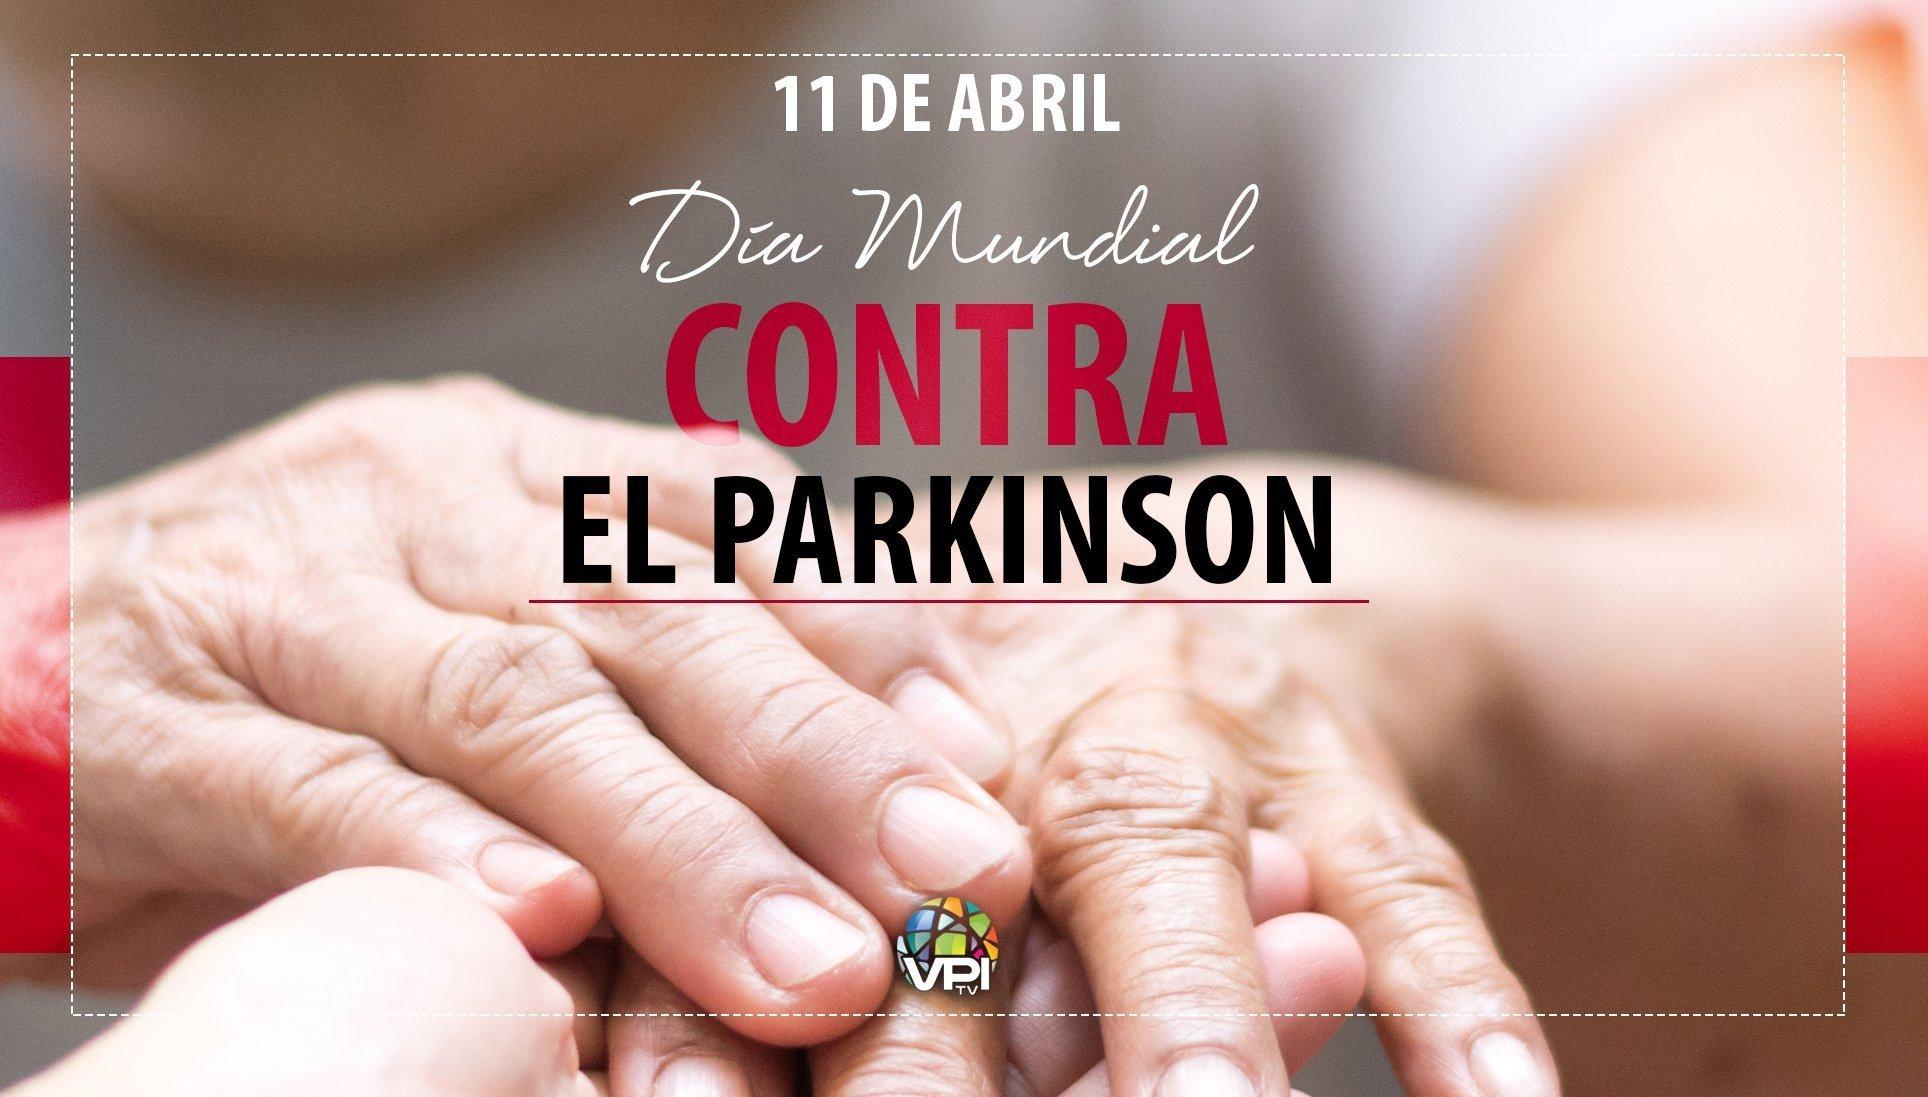 Día Mundial del Párkinson